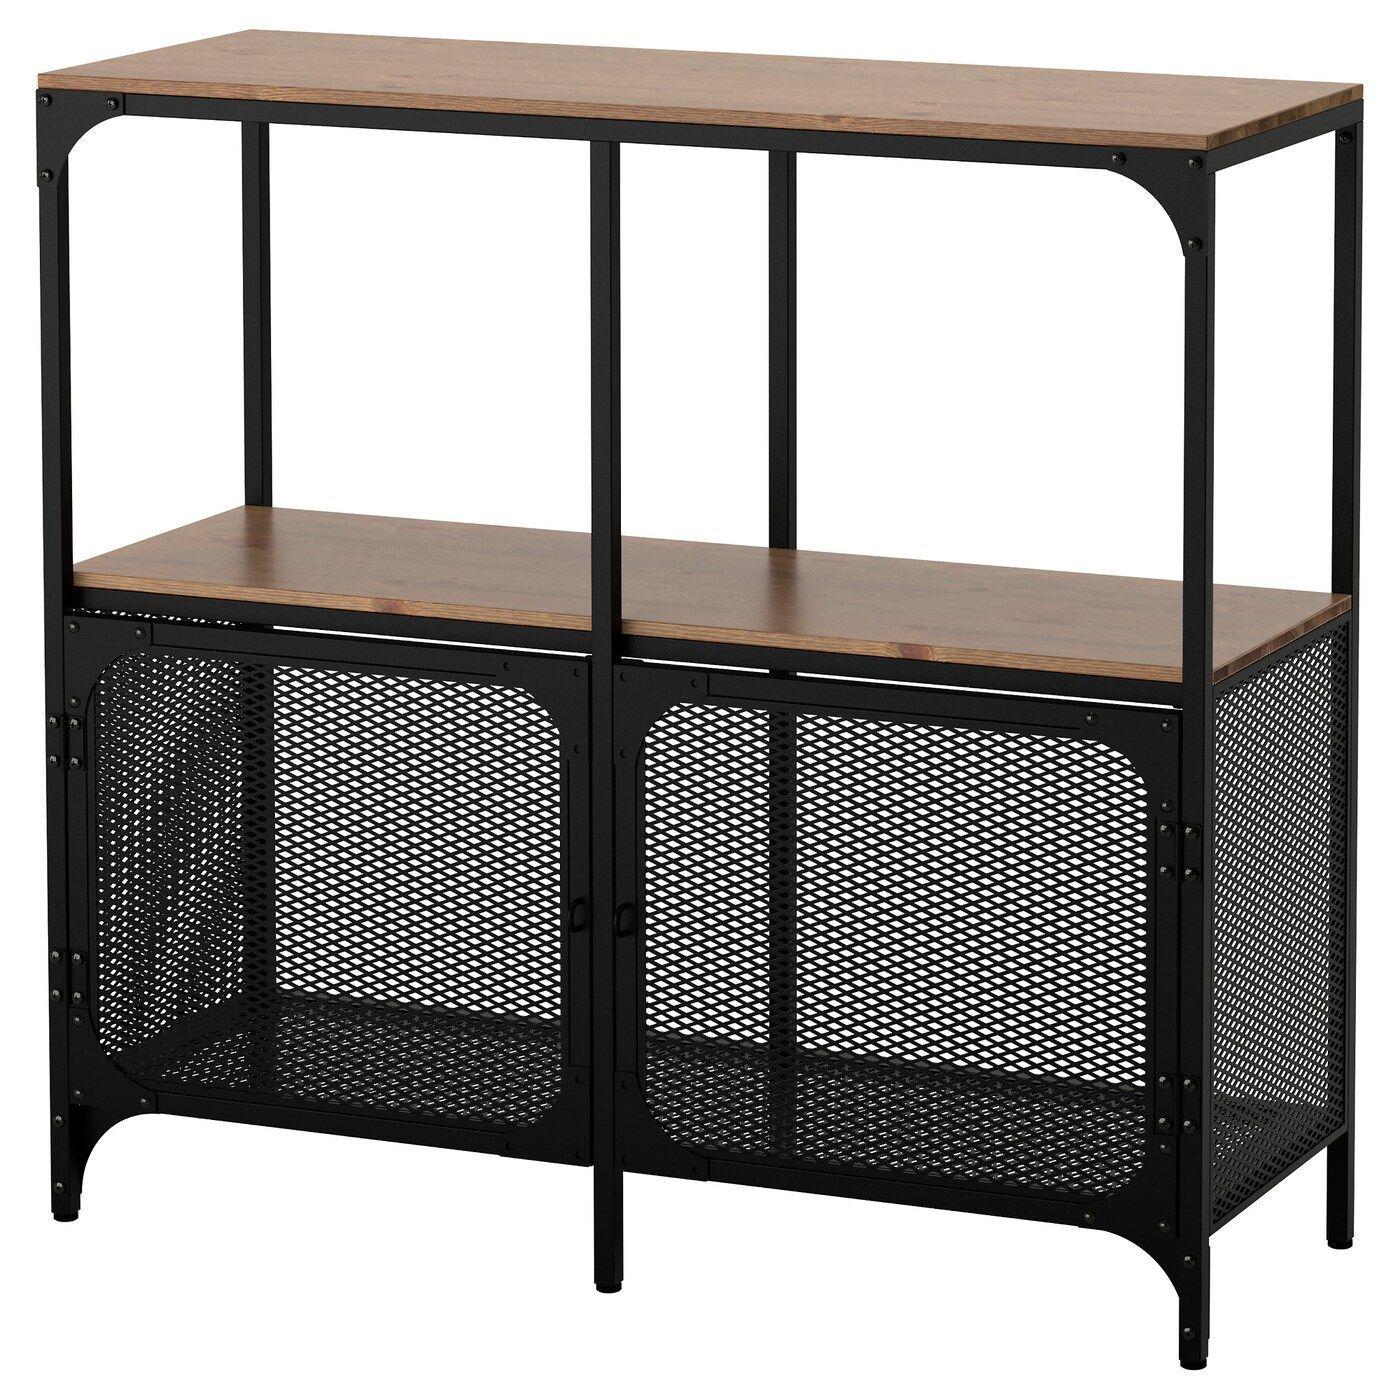 FJÄLLBO Shelf unit black IKEAblack fjÄllbo ikea